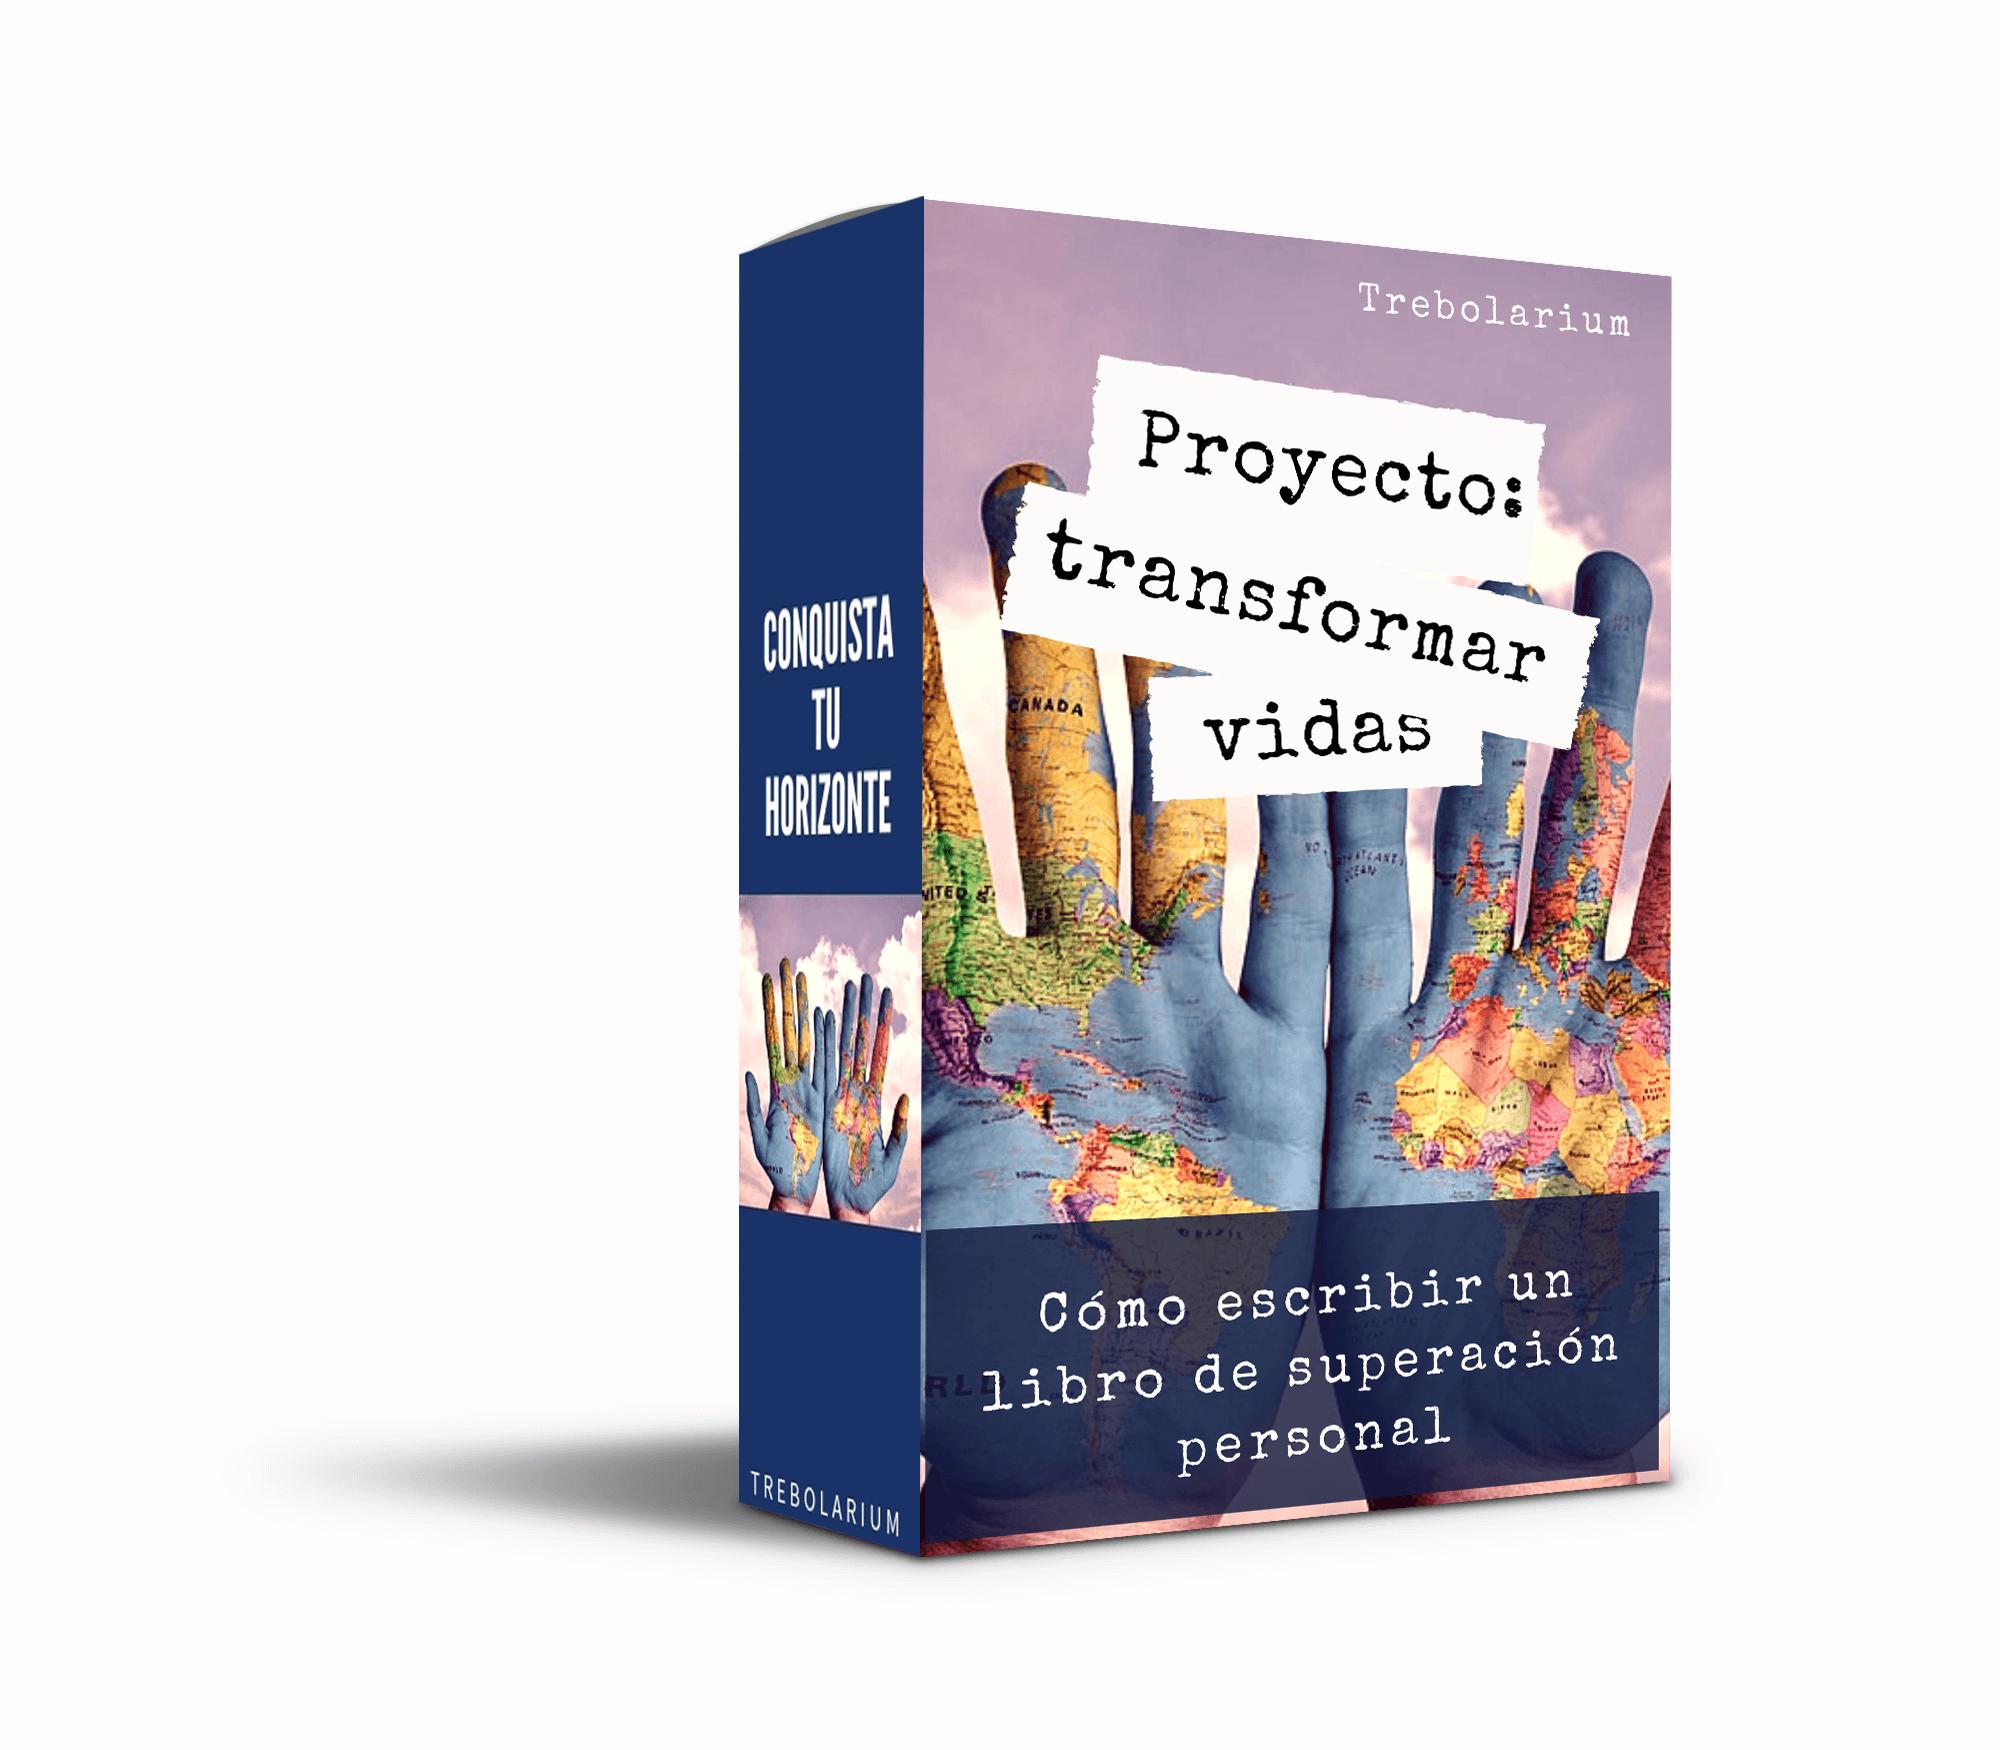 """Proyecto """"Transformar vidas"""" o """"Cómo escribir un libro de superación personal""""."""